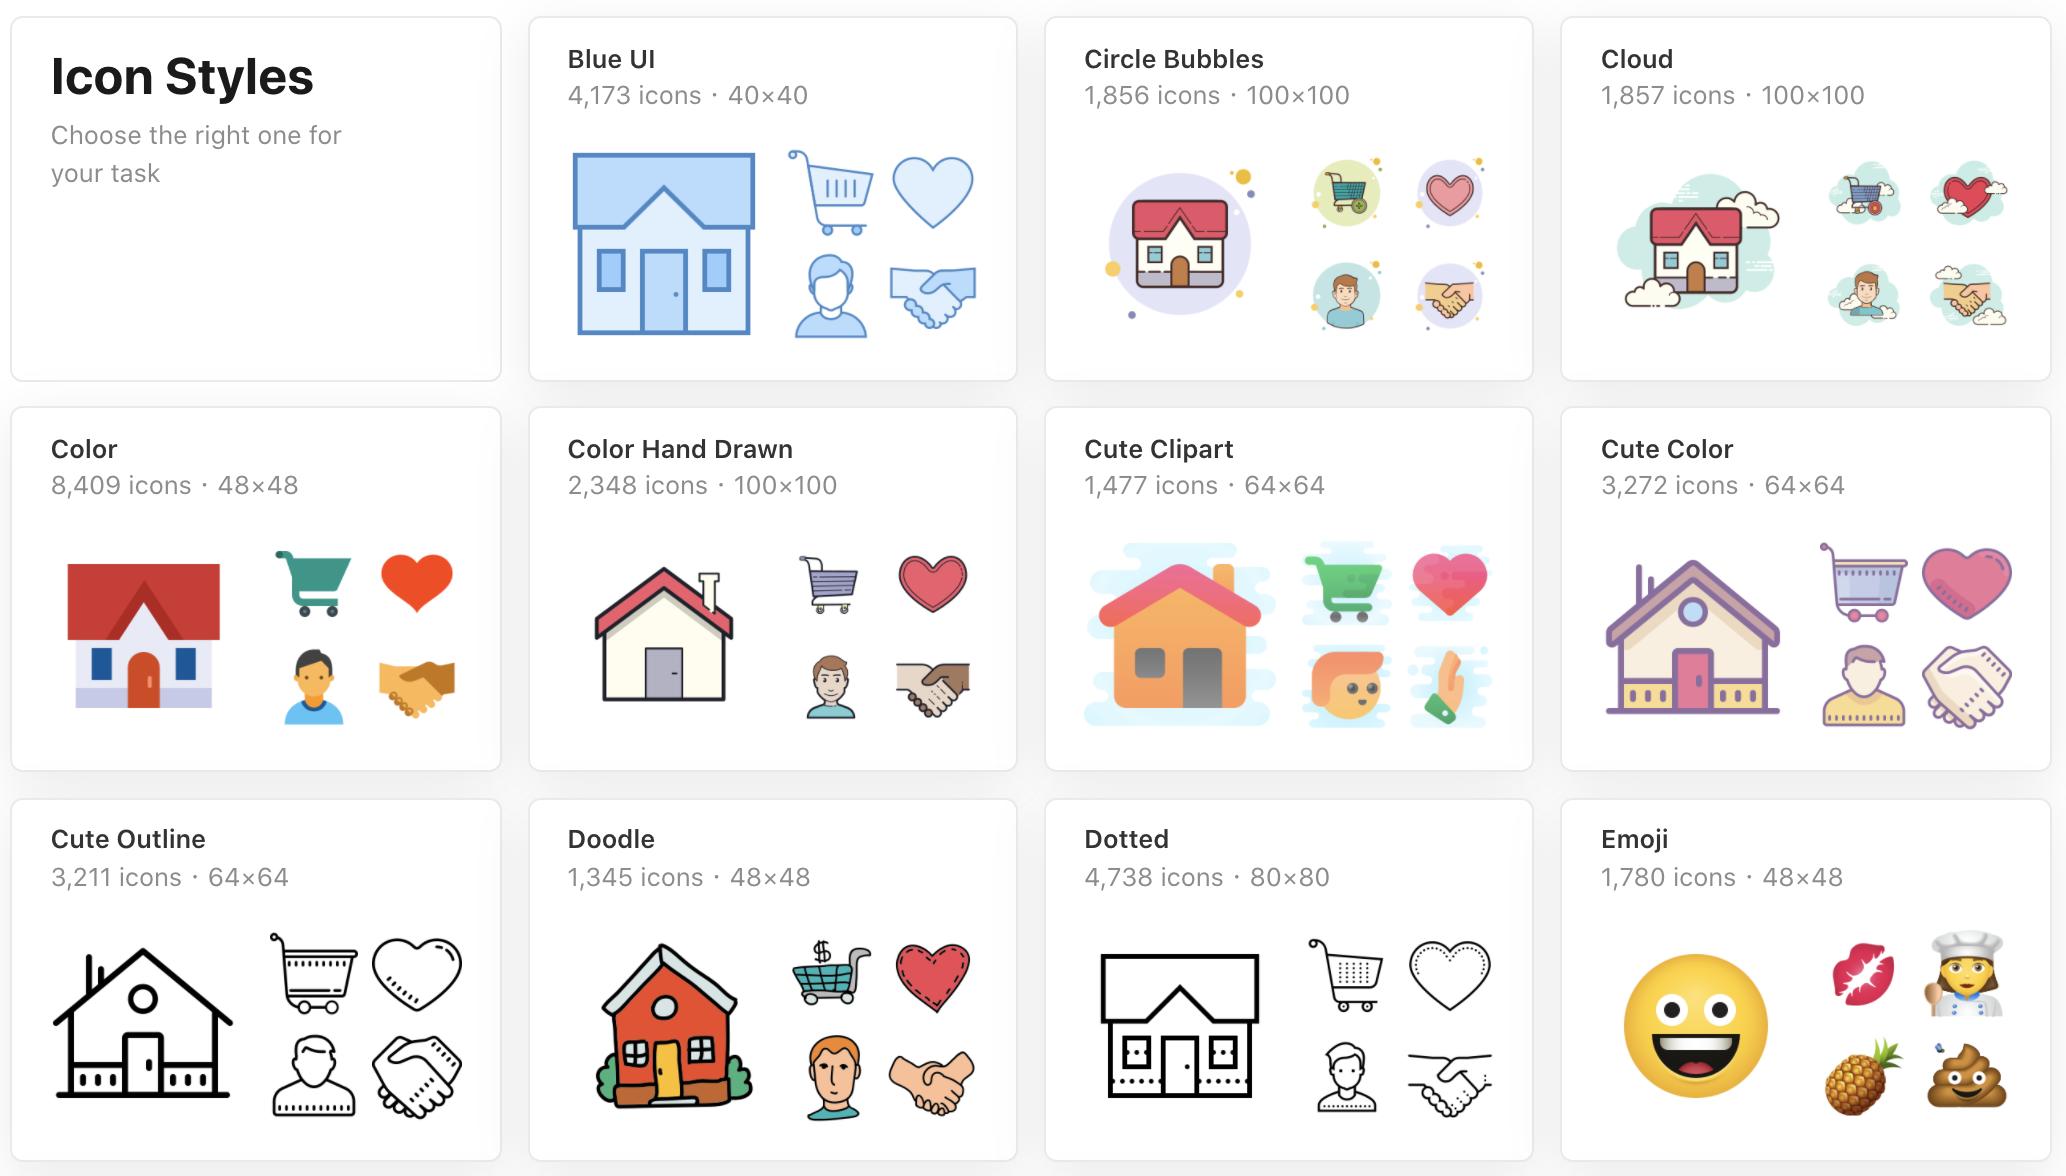 Aperçu des catégories de style sur Icons8.